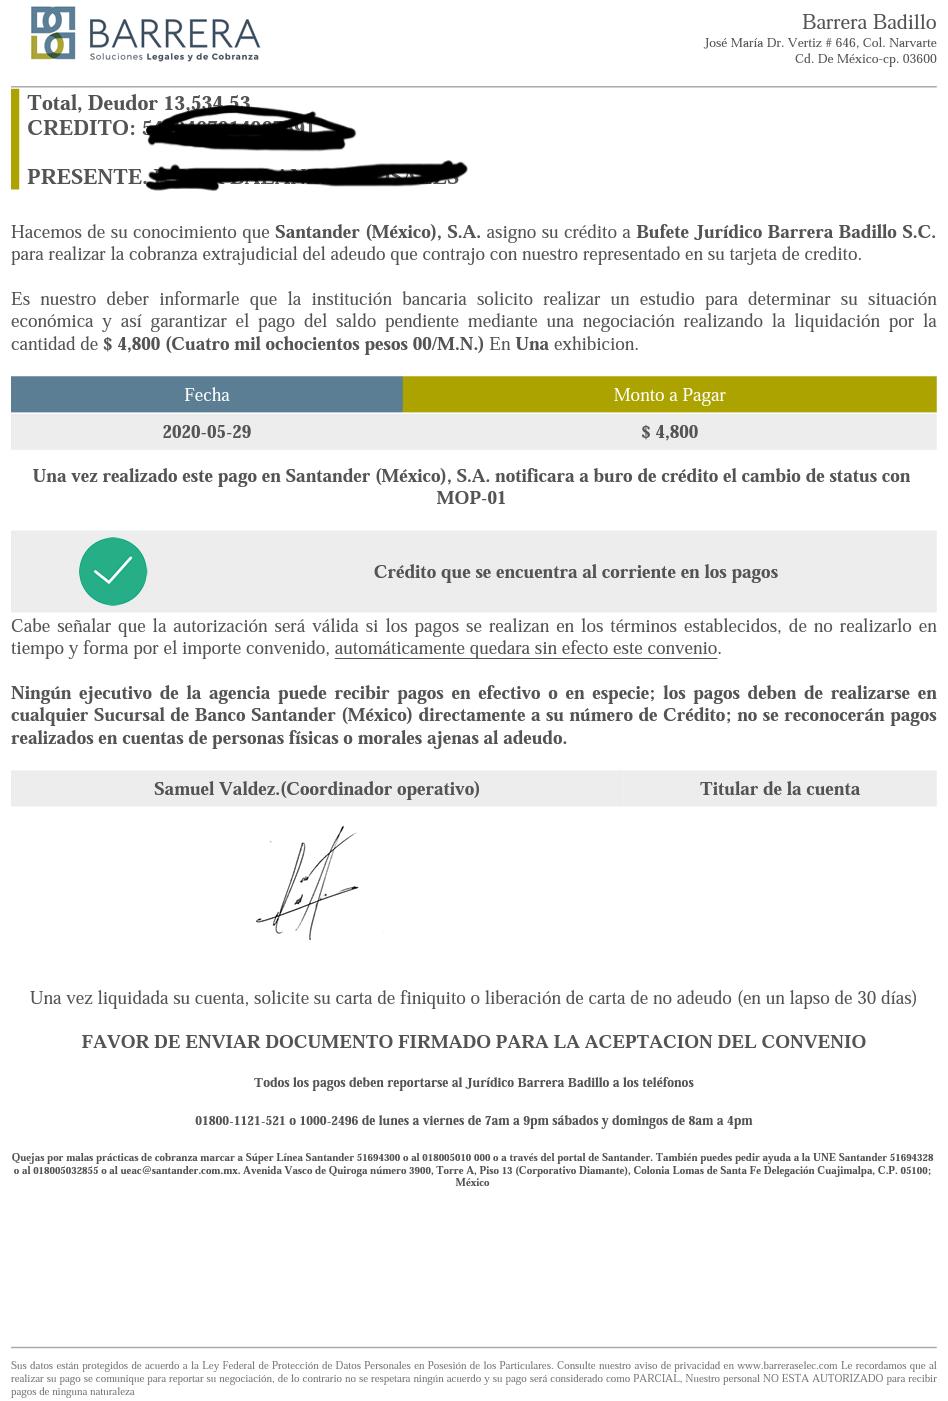 Carta convenio Santander  20200511